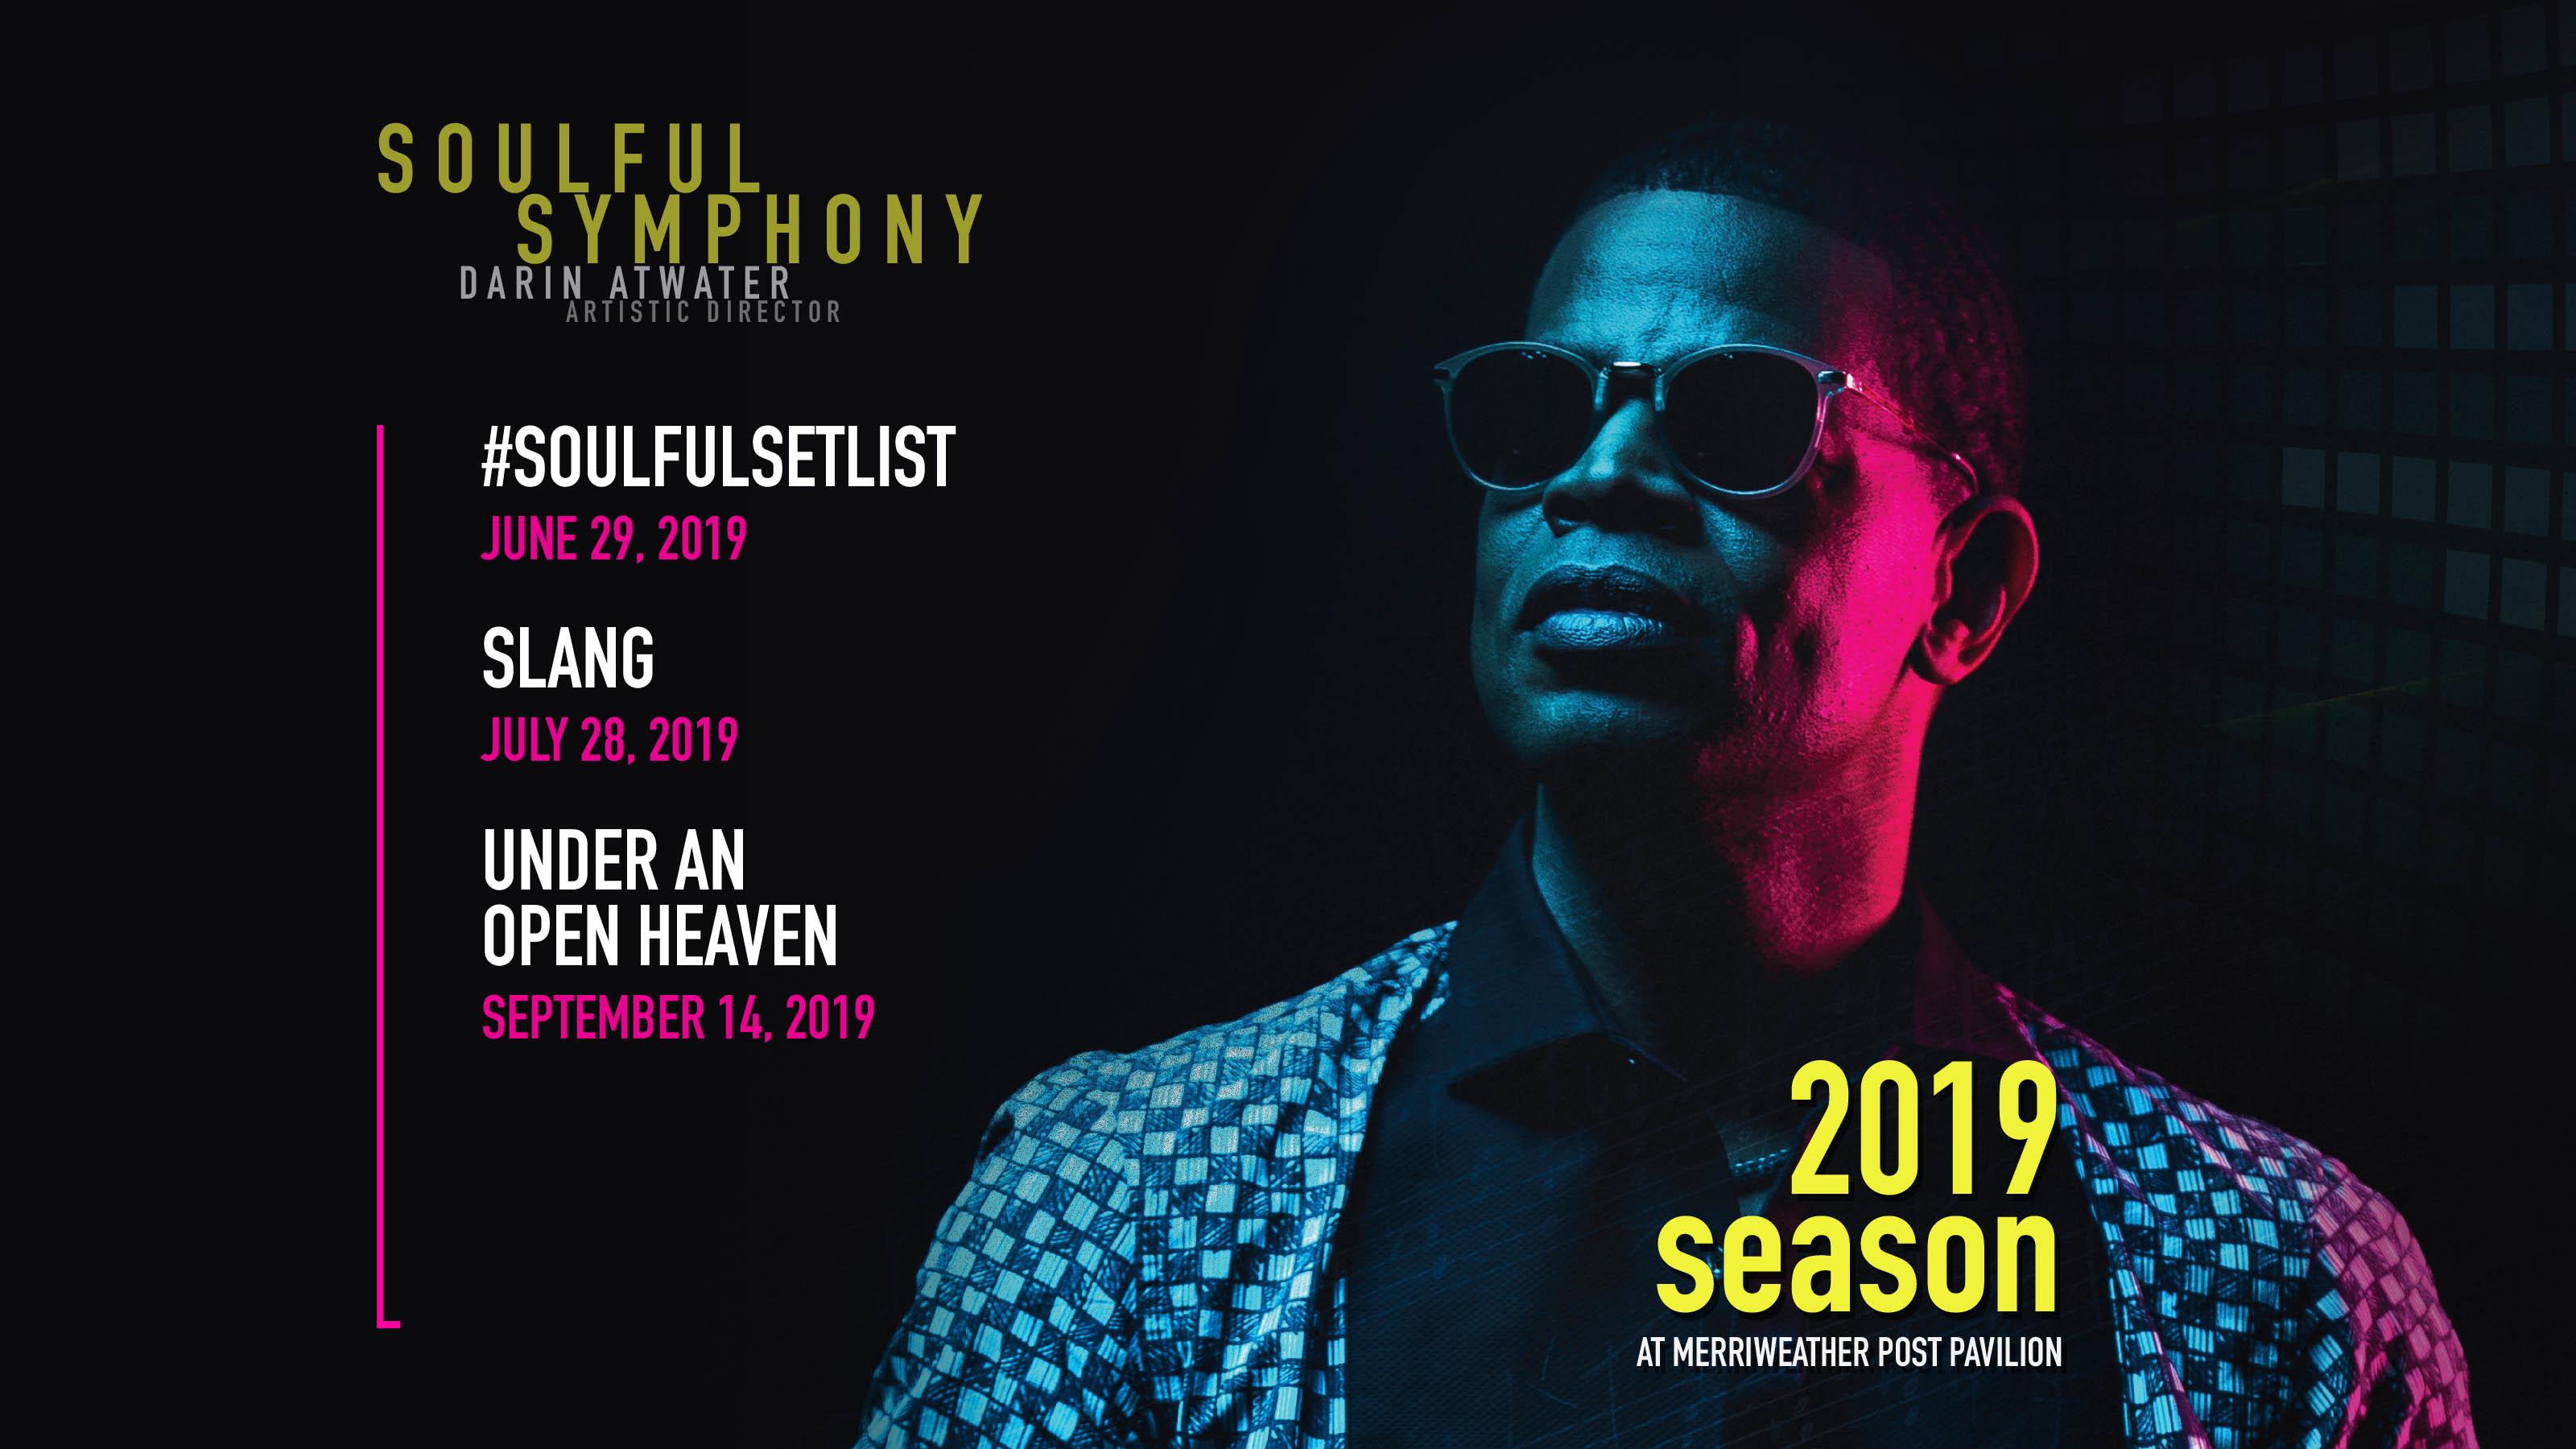 Soulful Symphony